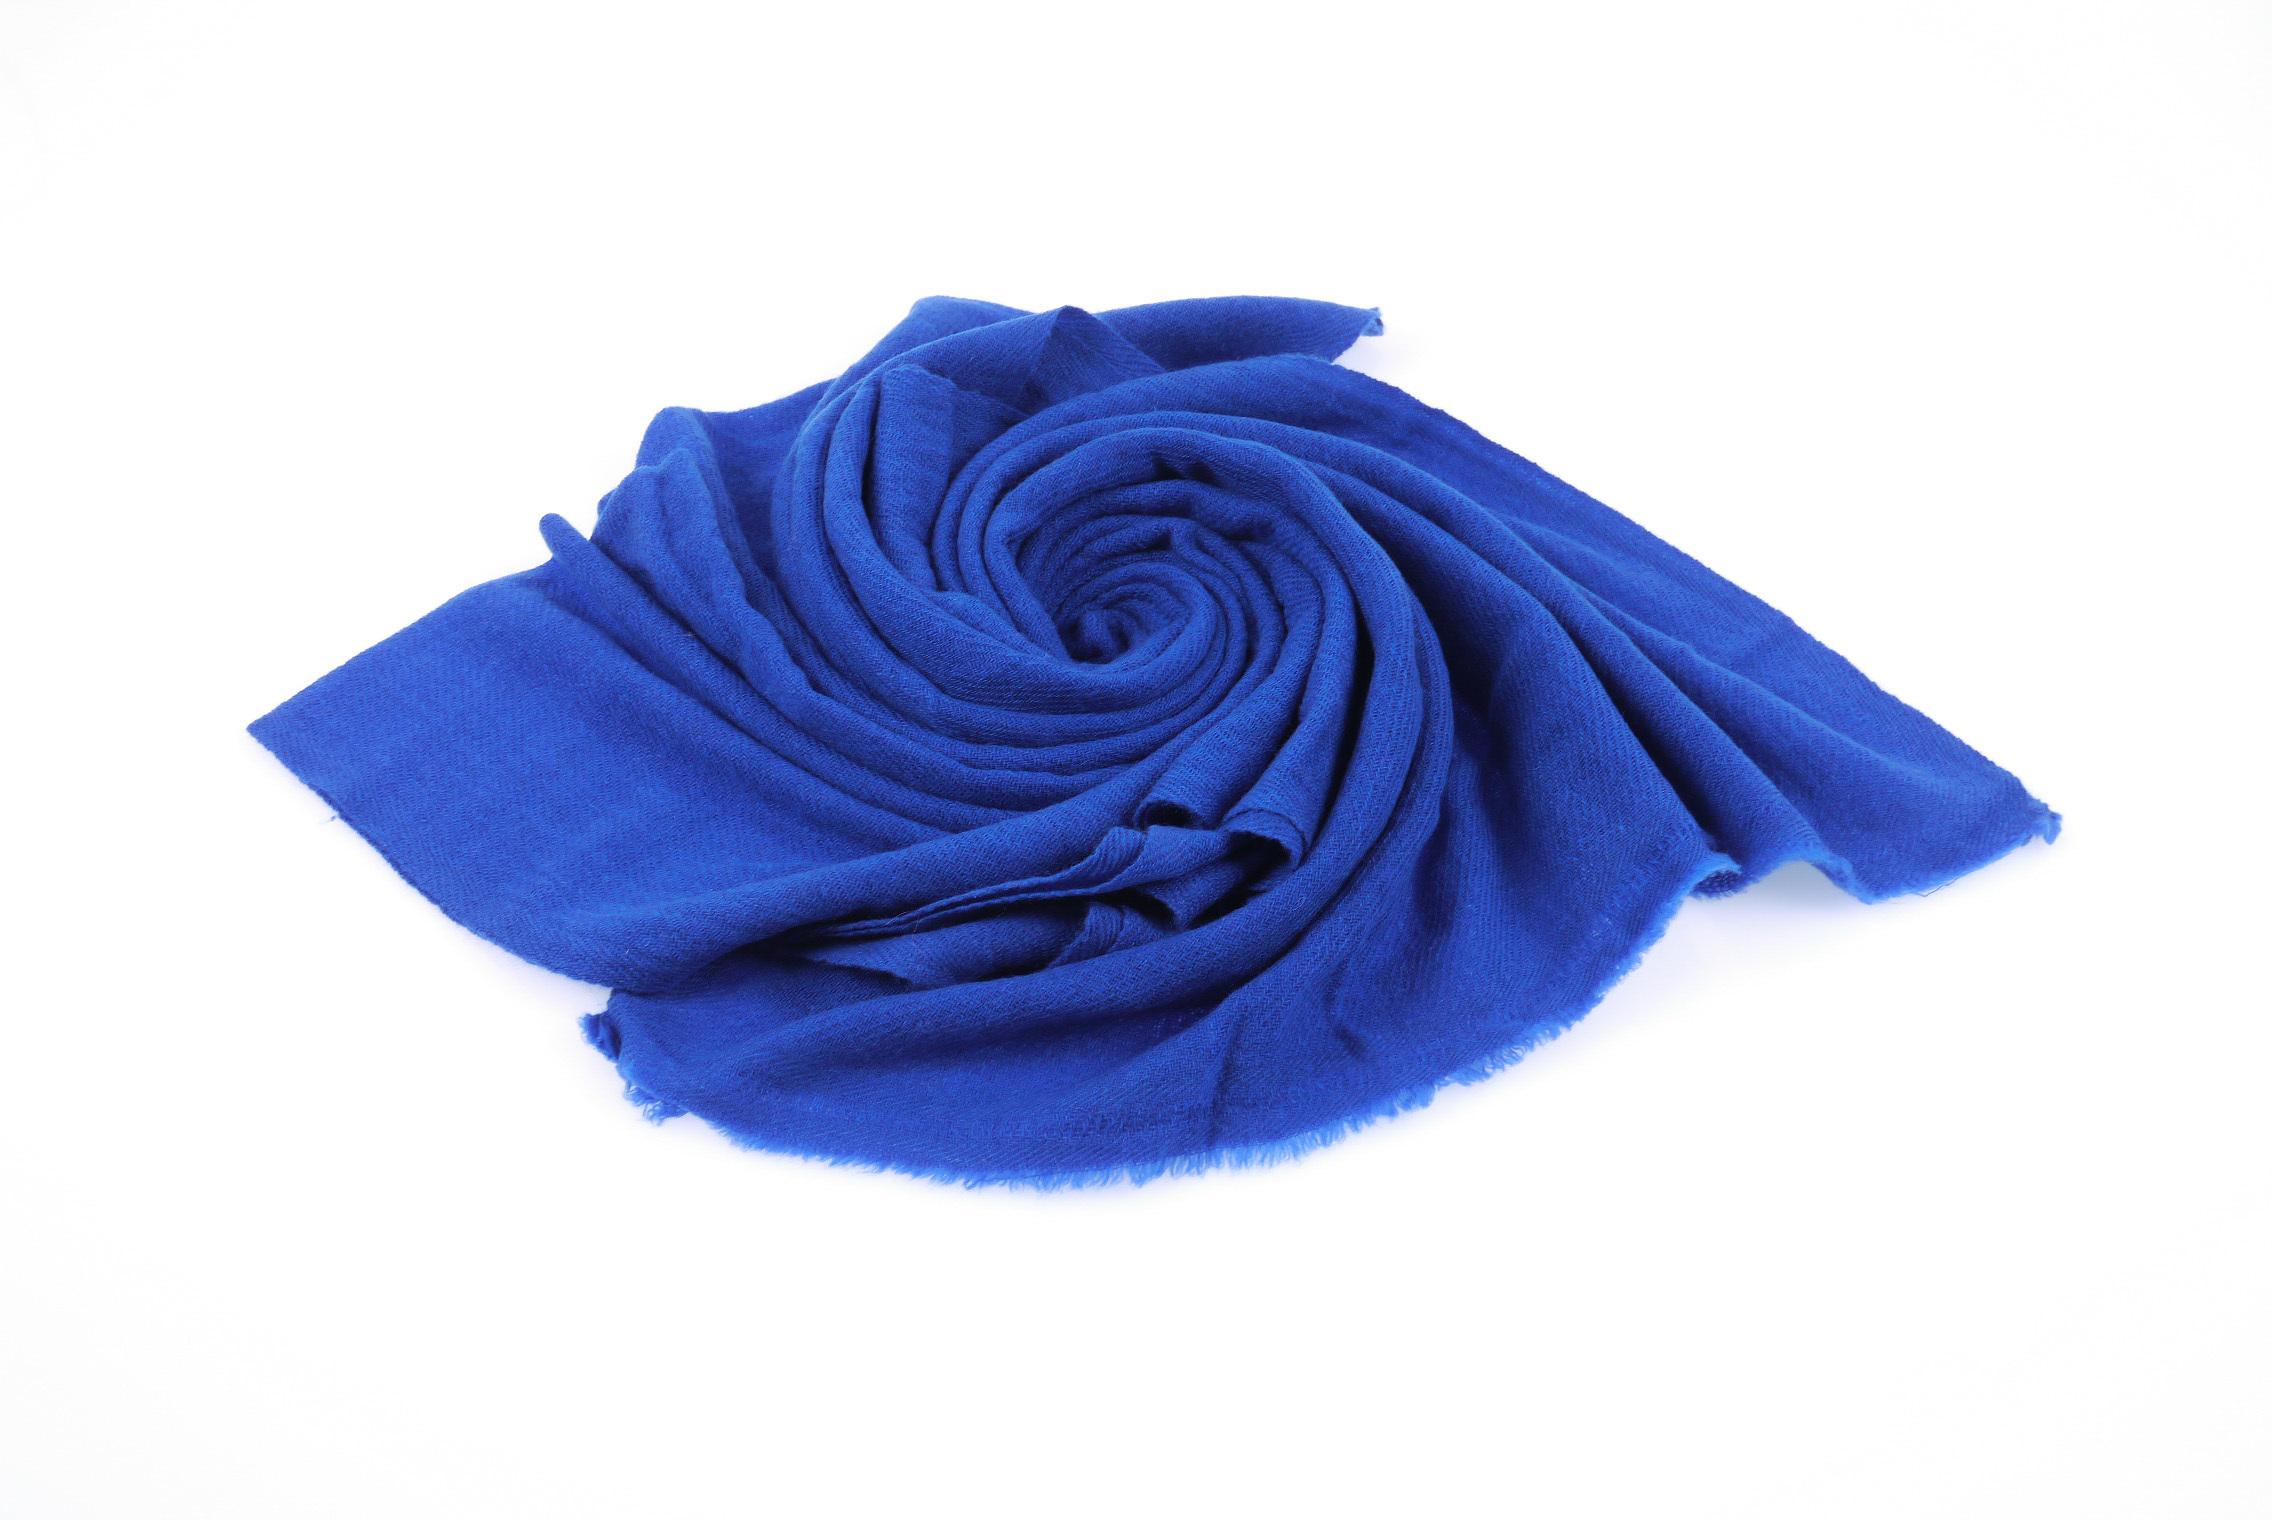 zh喀什米爾圍巾BQCASF0402-28.jpg